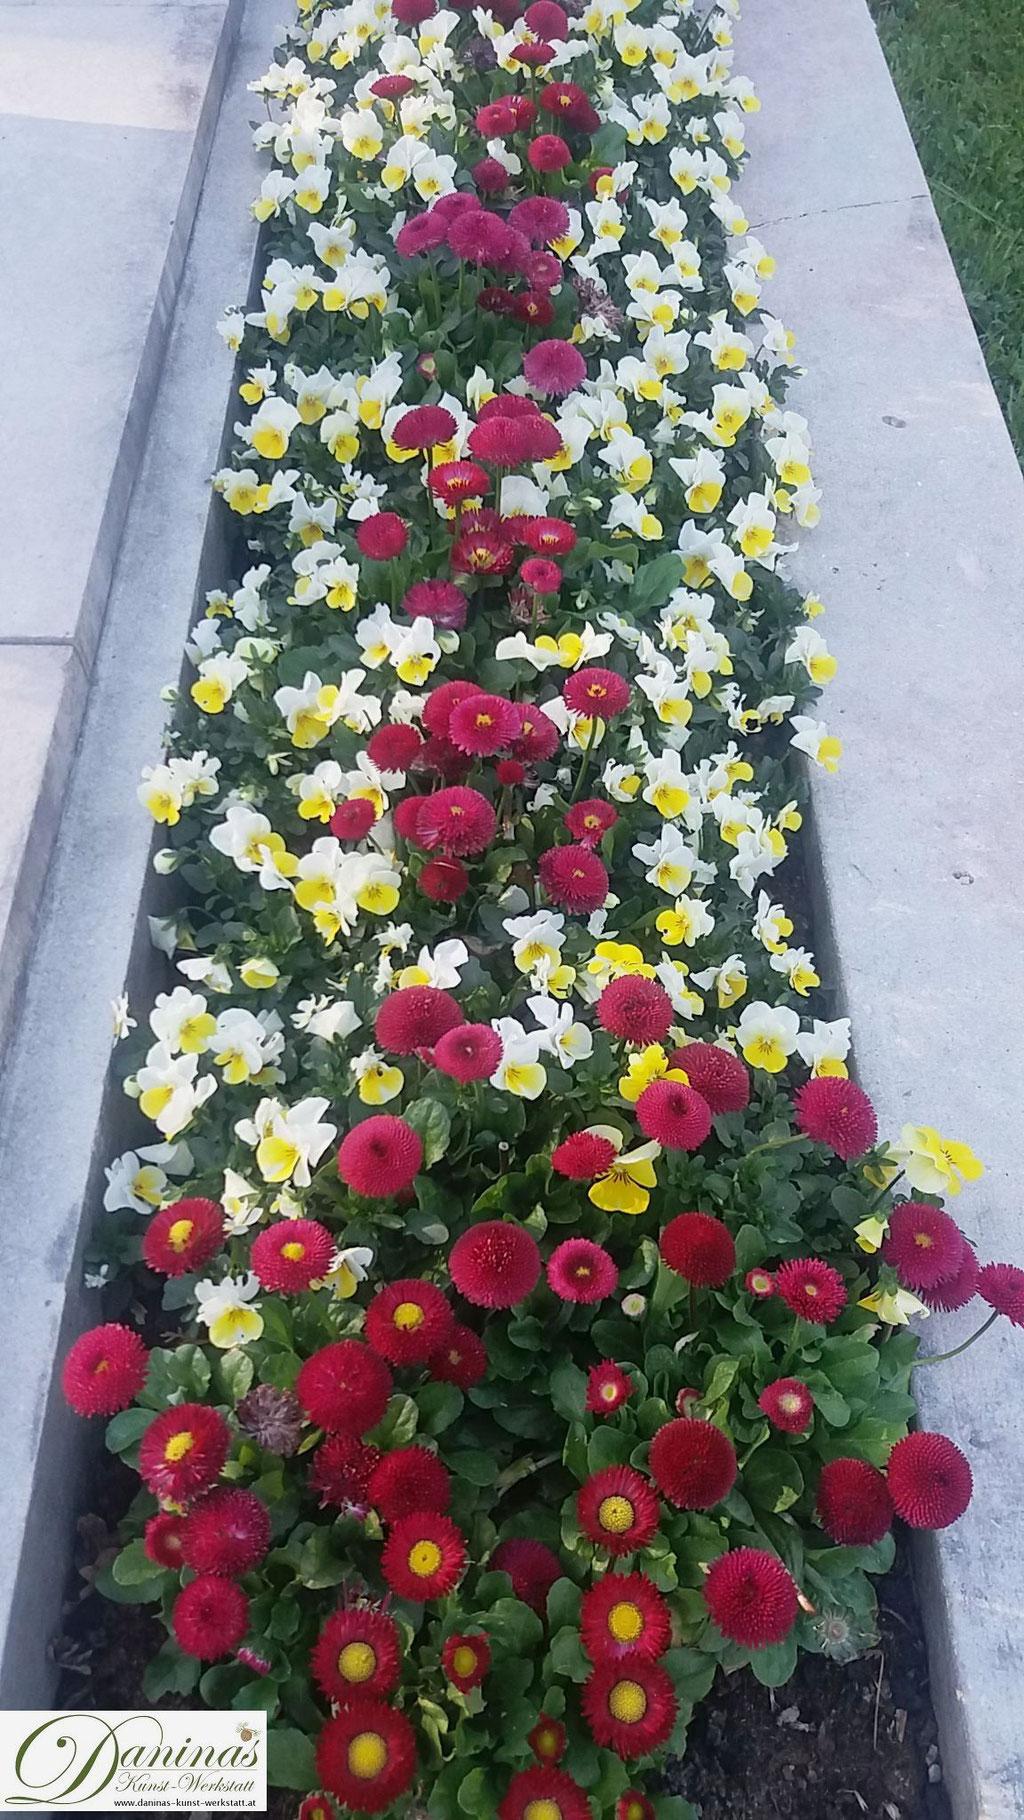 Grabbepflanzung mit roten Bellis und weiß-gelben Stiefmütterchen